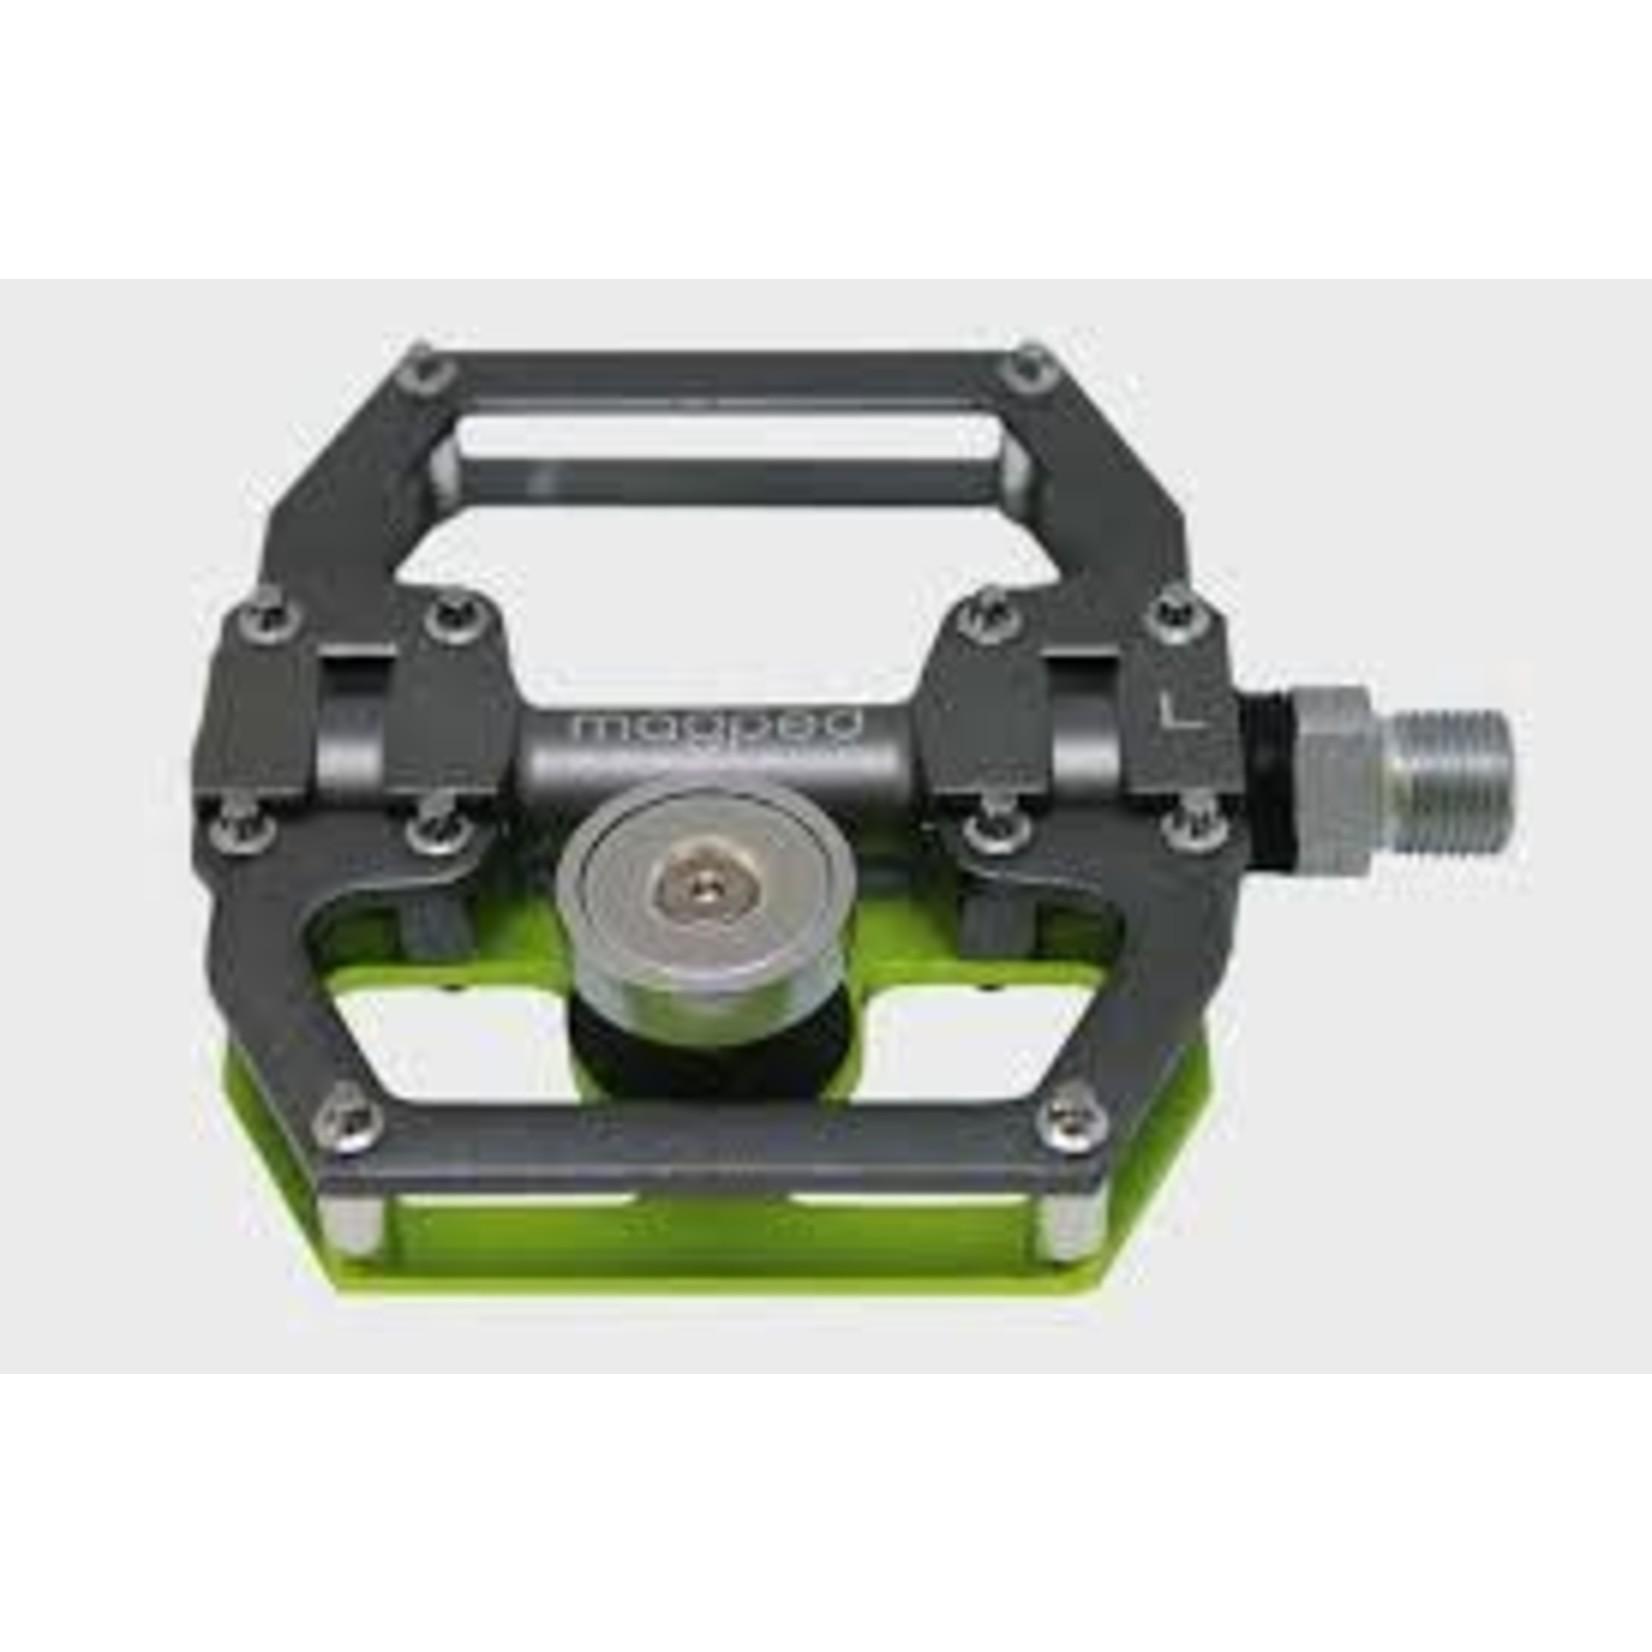 MagPed MagPed - pedali magnetici sport150 grigio/verde